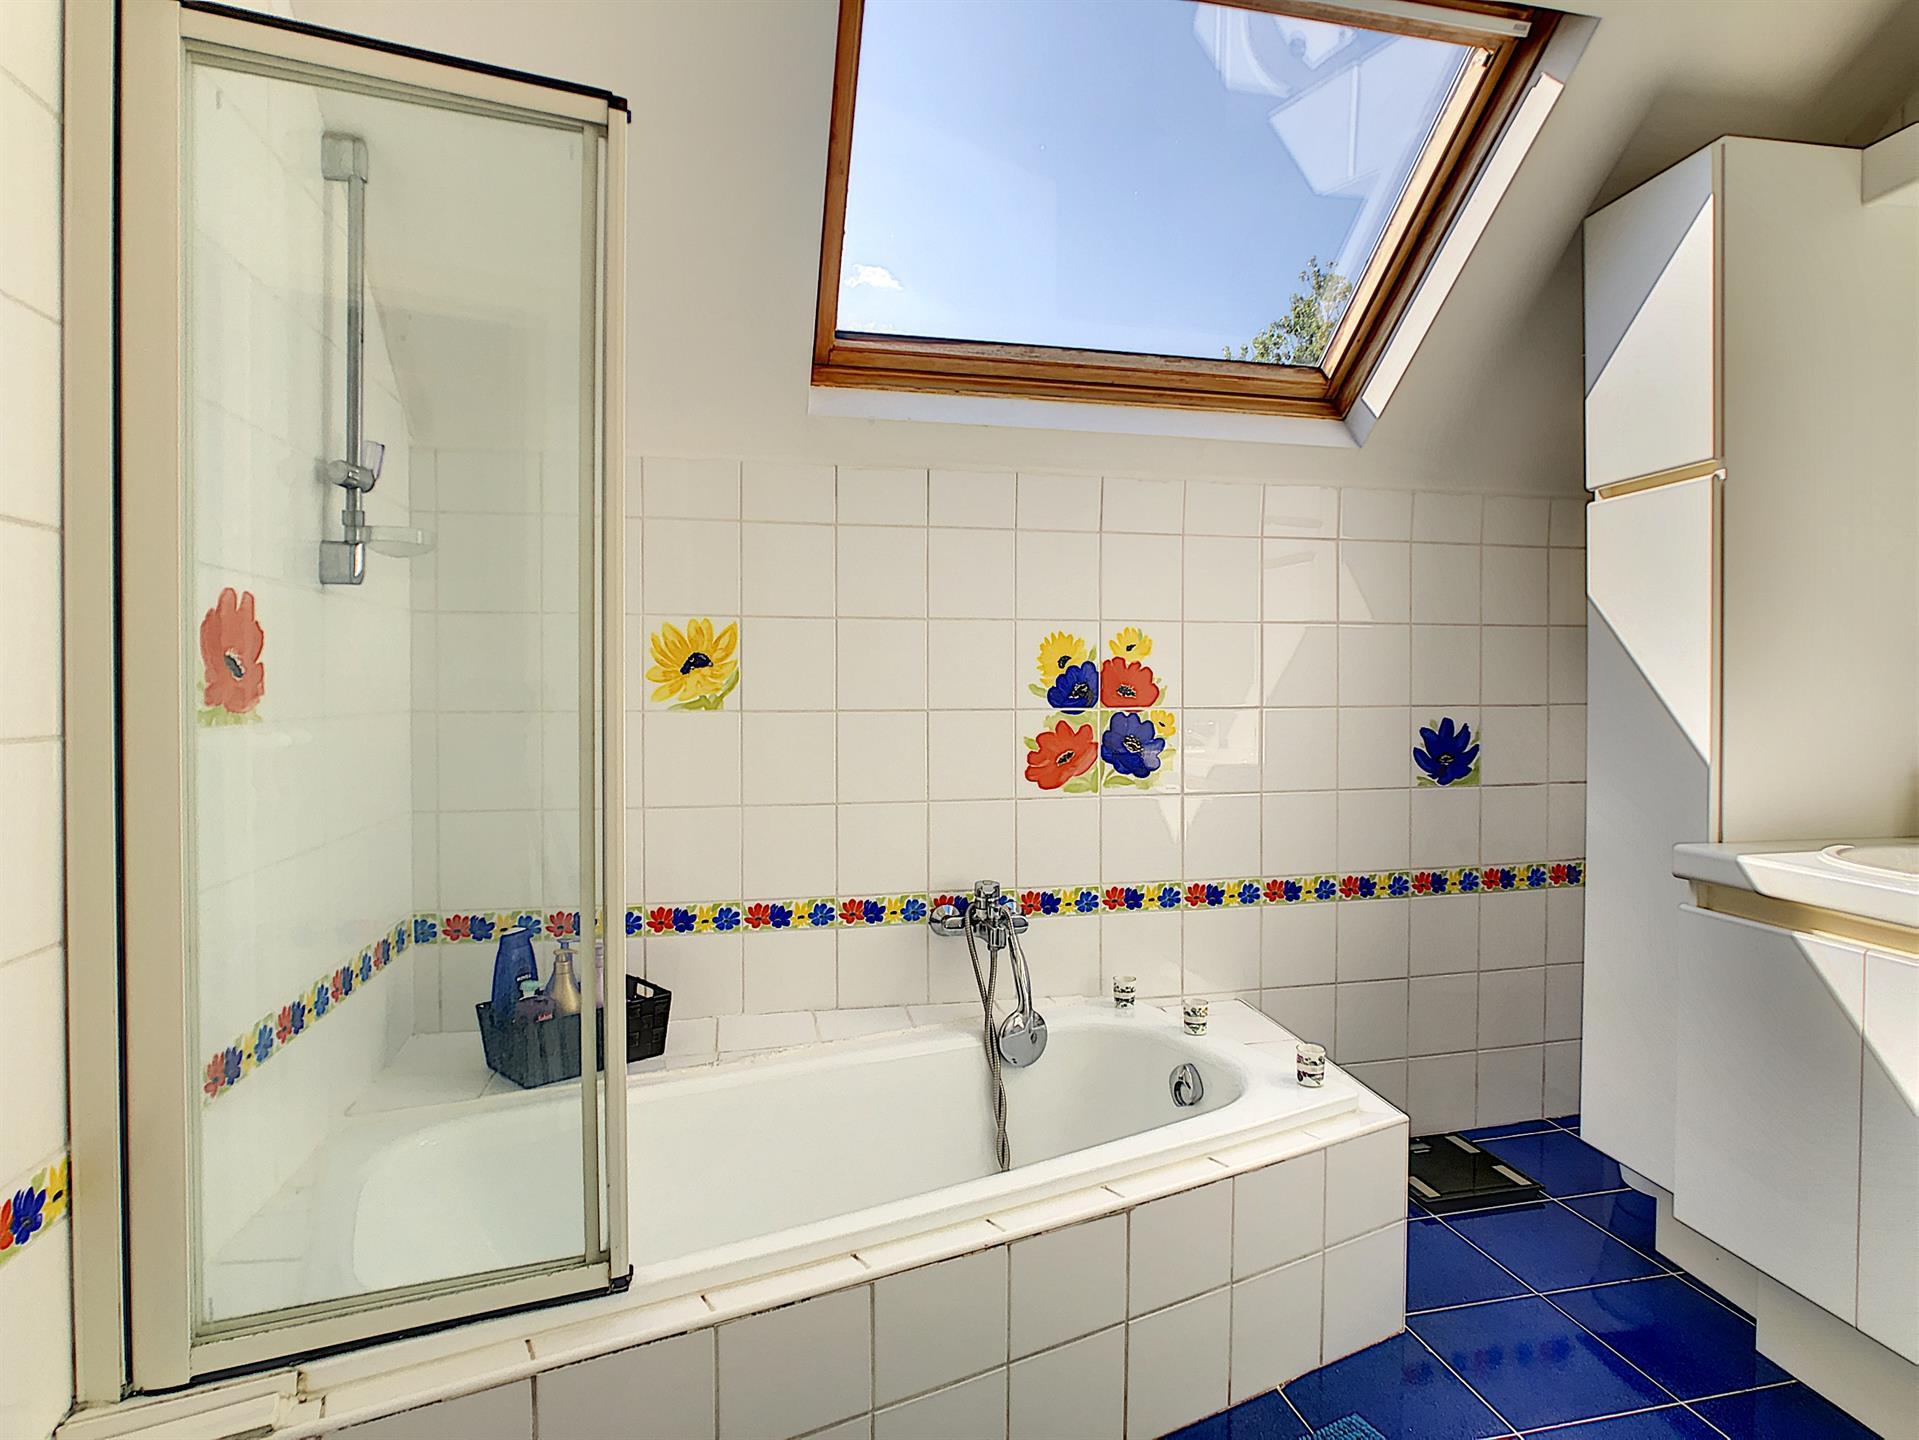 Bel-étage - Wemmel - #4080122-17